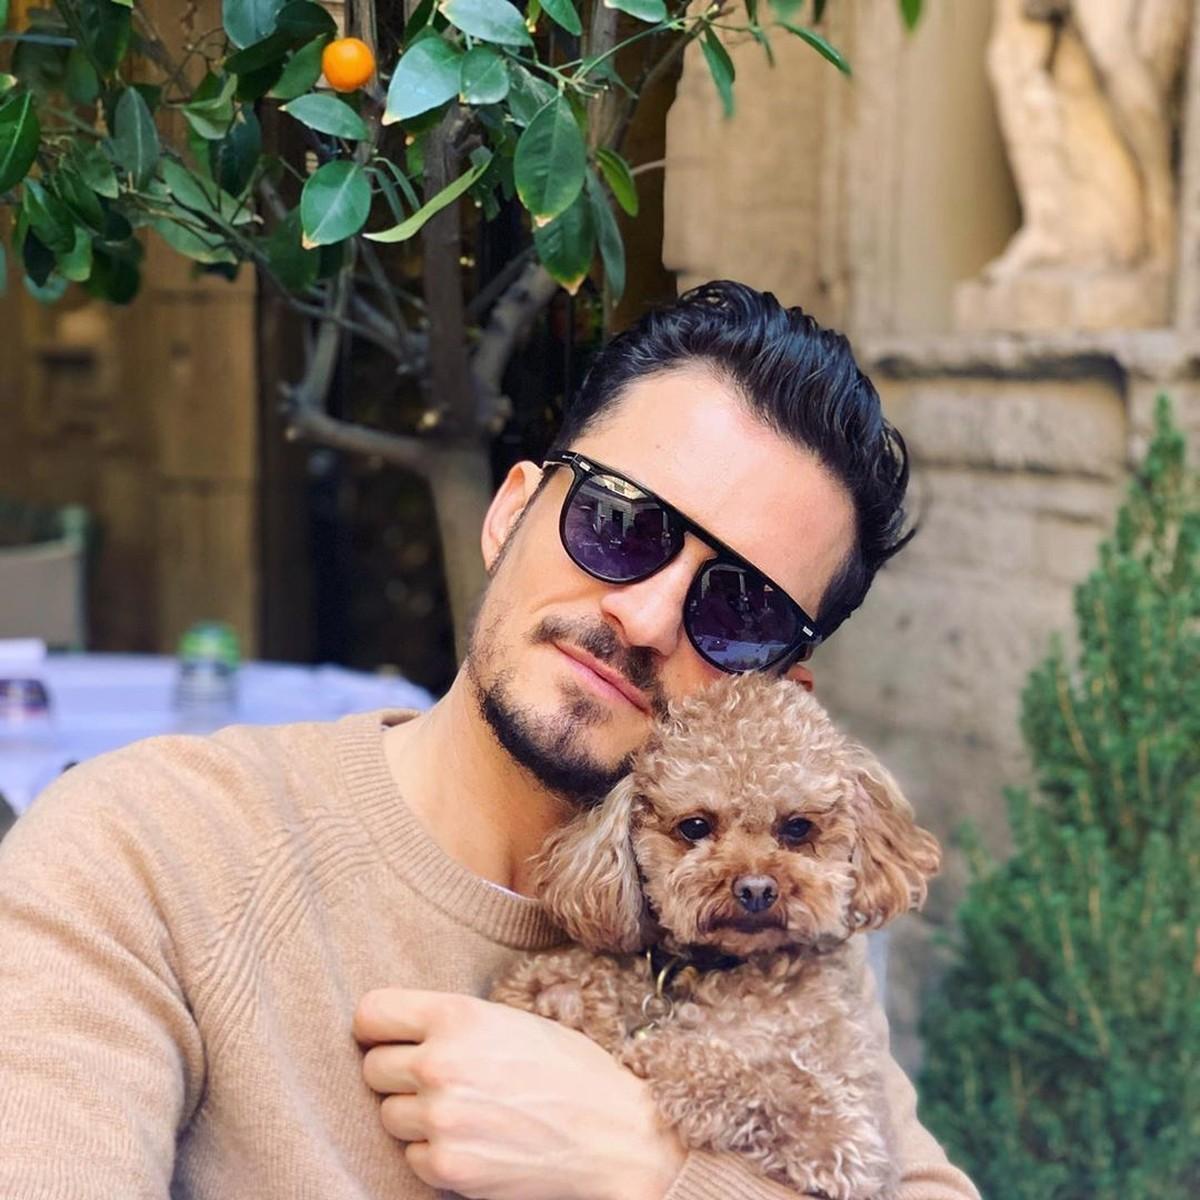 Orlando Bloom relata desaparecimento de cachorro e oferece recompensa: 'Coração está partido'   Pop & Arte